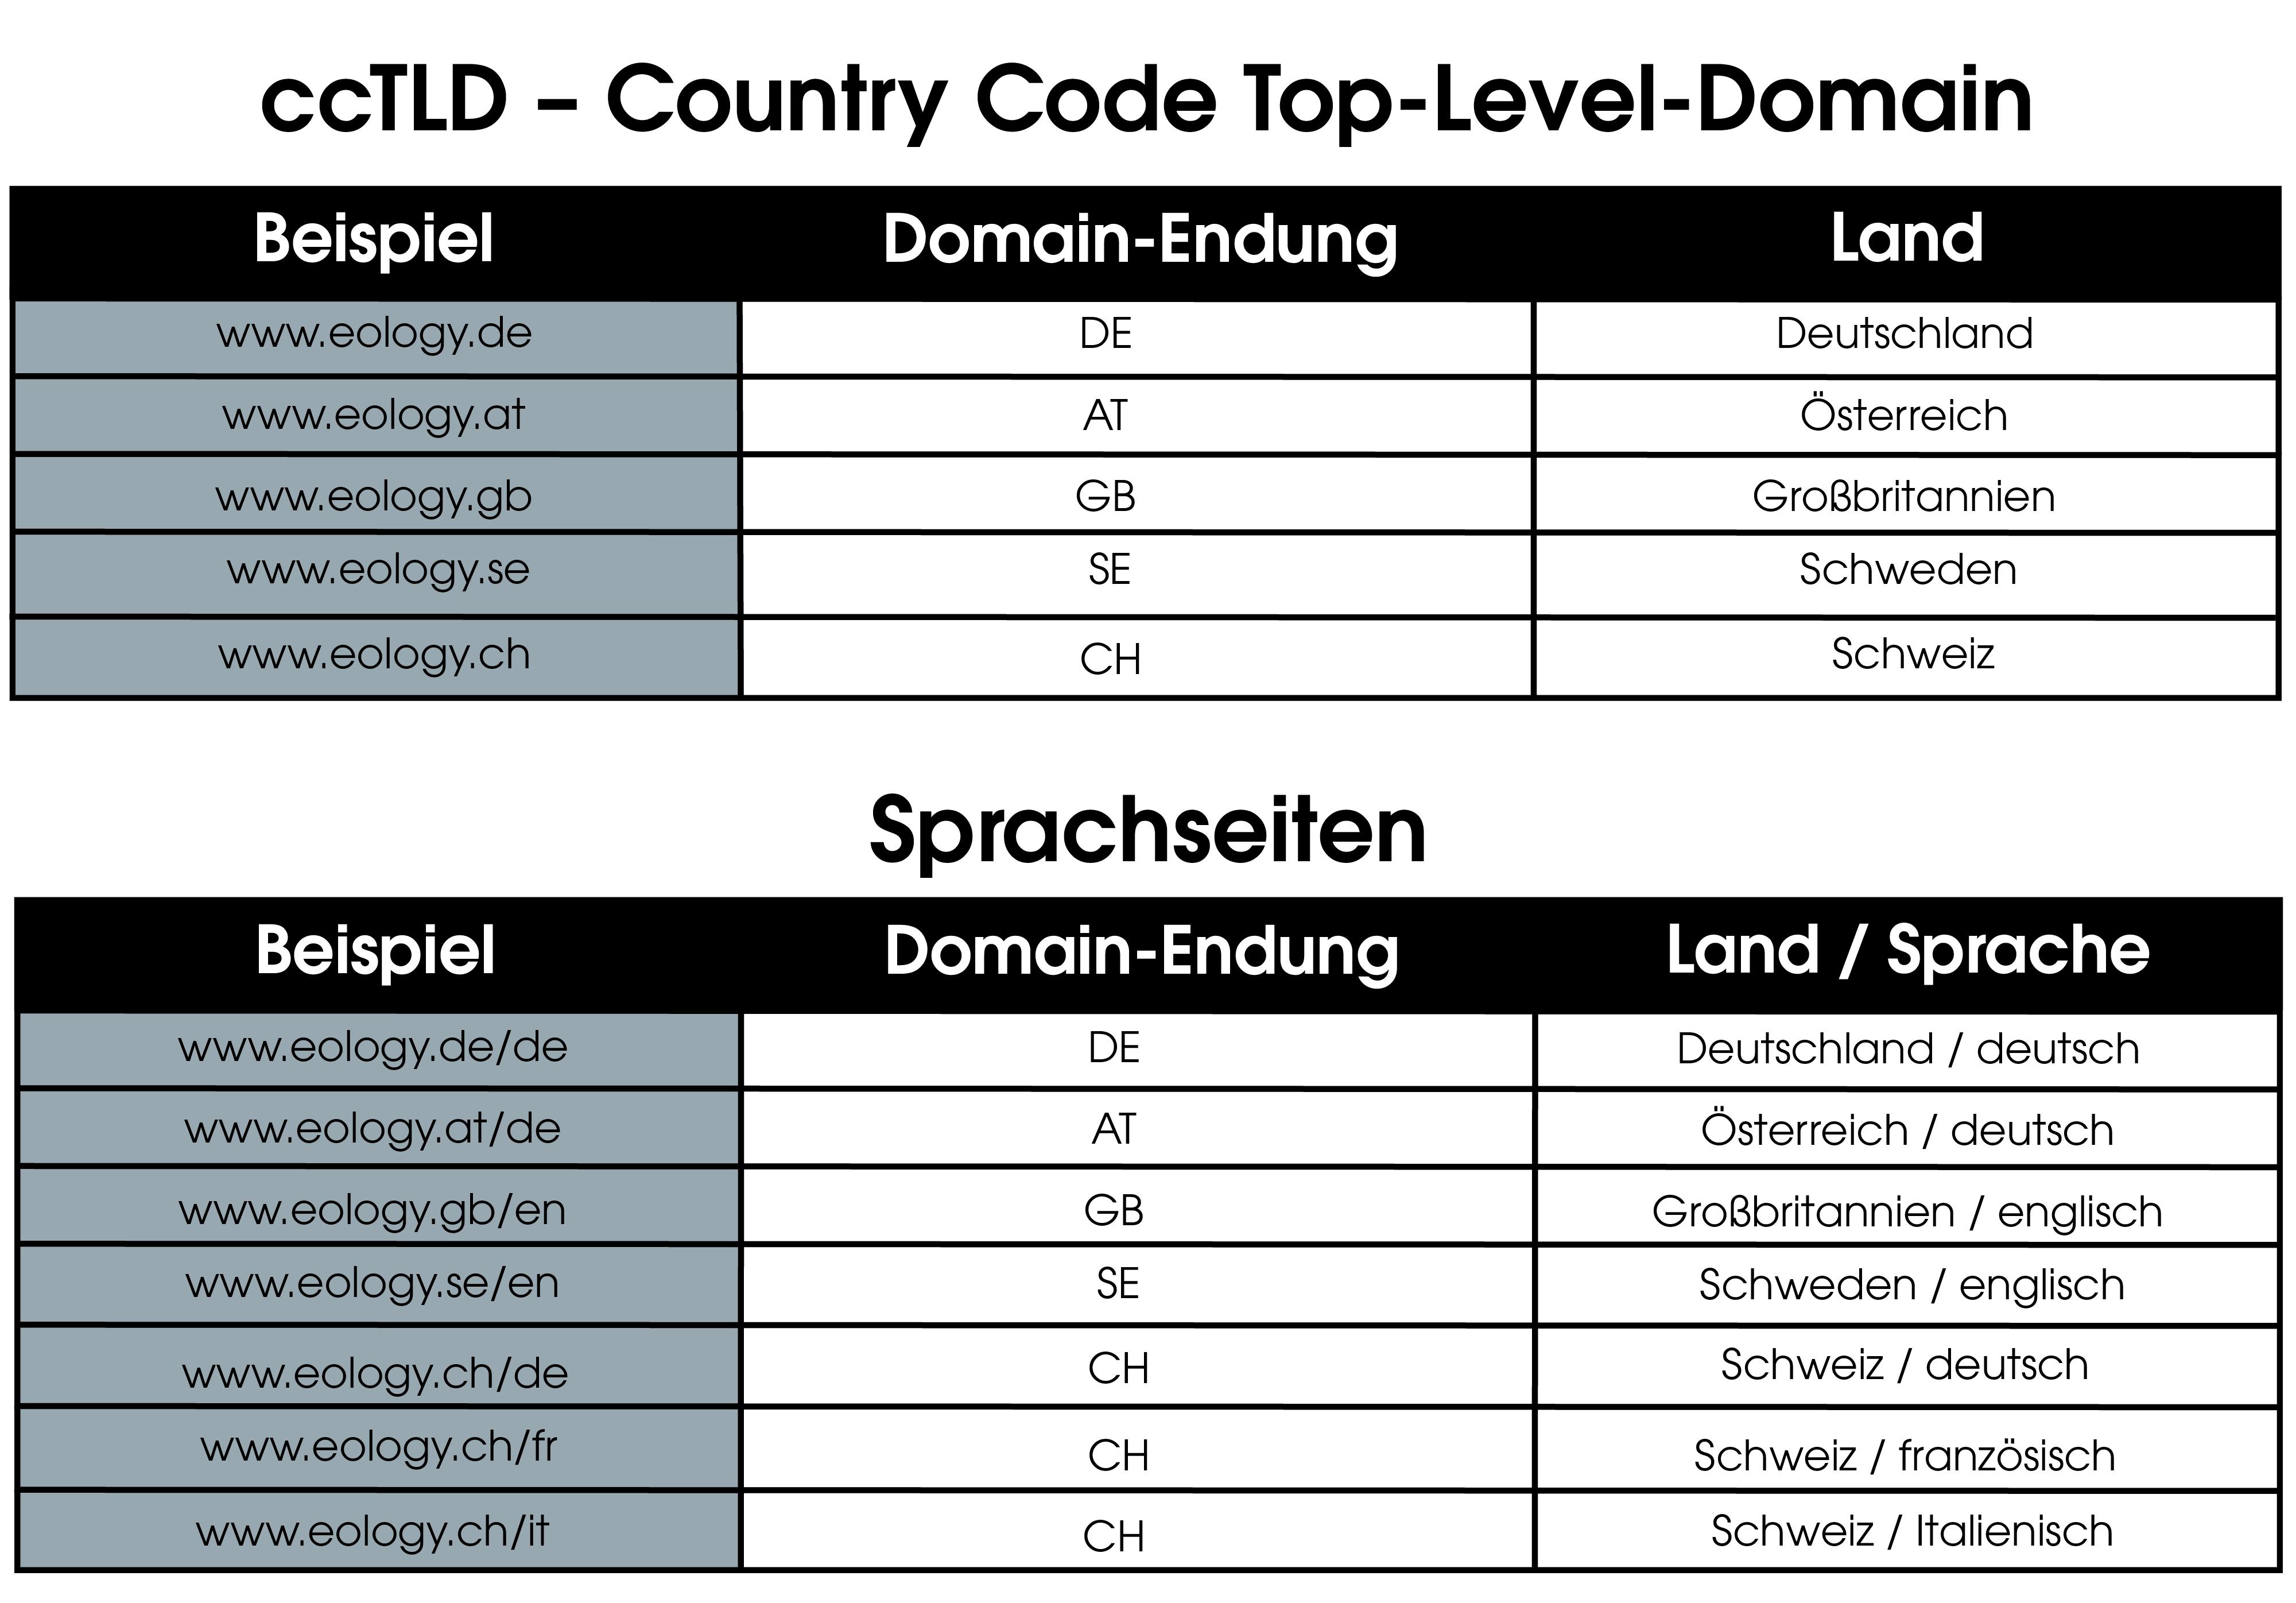 Das Bild zeigt tabellarisch dargestellt, wie Country Code Top-Level-Domains für die Länder Deutschland, Österreich, Großbritannien, Schweden und Schweiz aussehen. Außerdem werden mögliche Formen von Sprachseiten für die oben genannten Länder dargestellt.